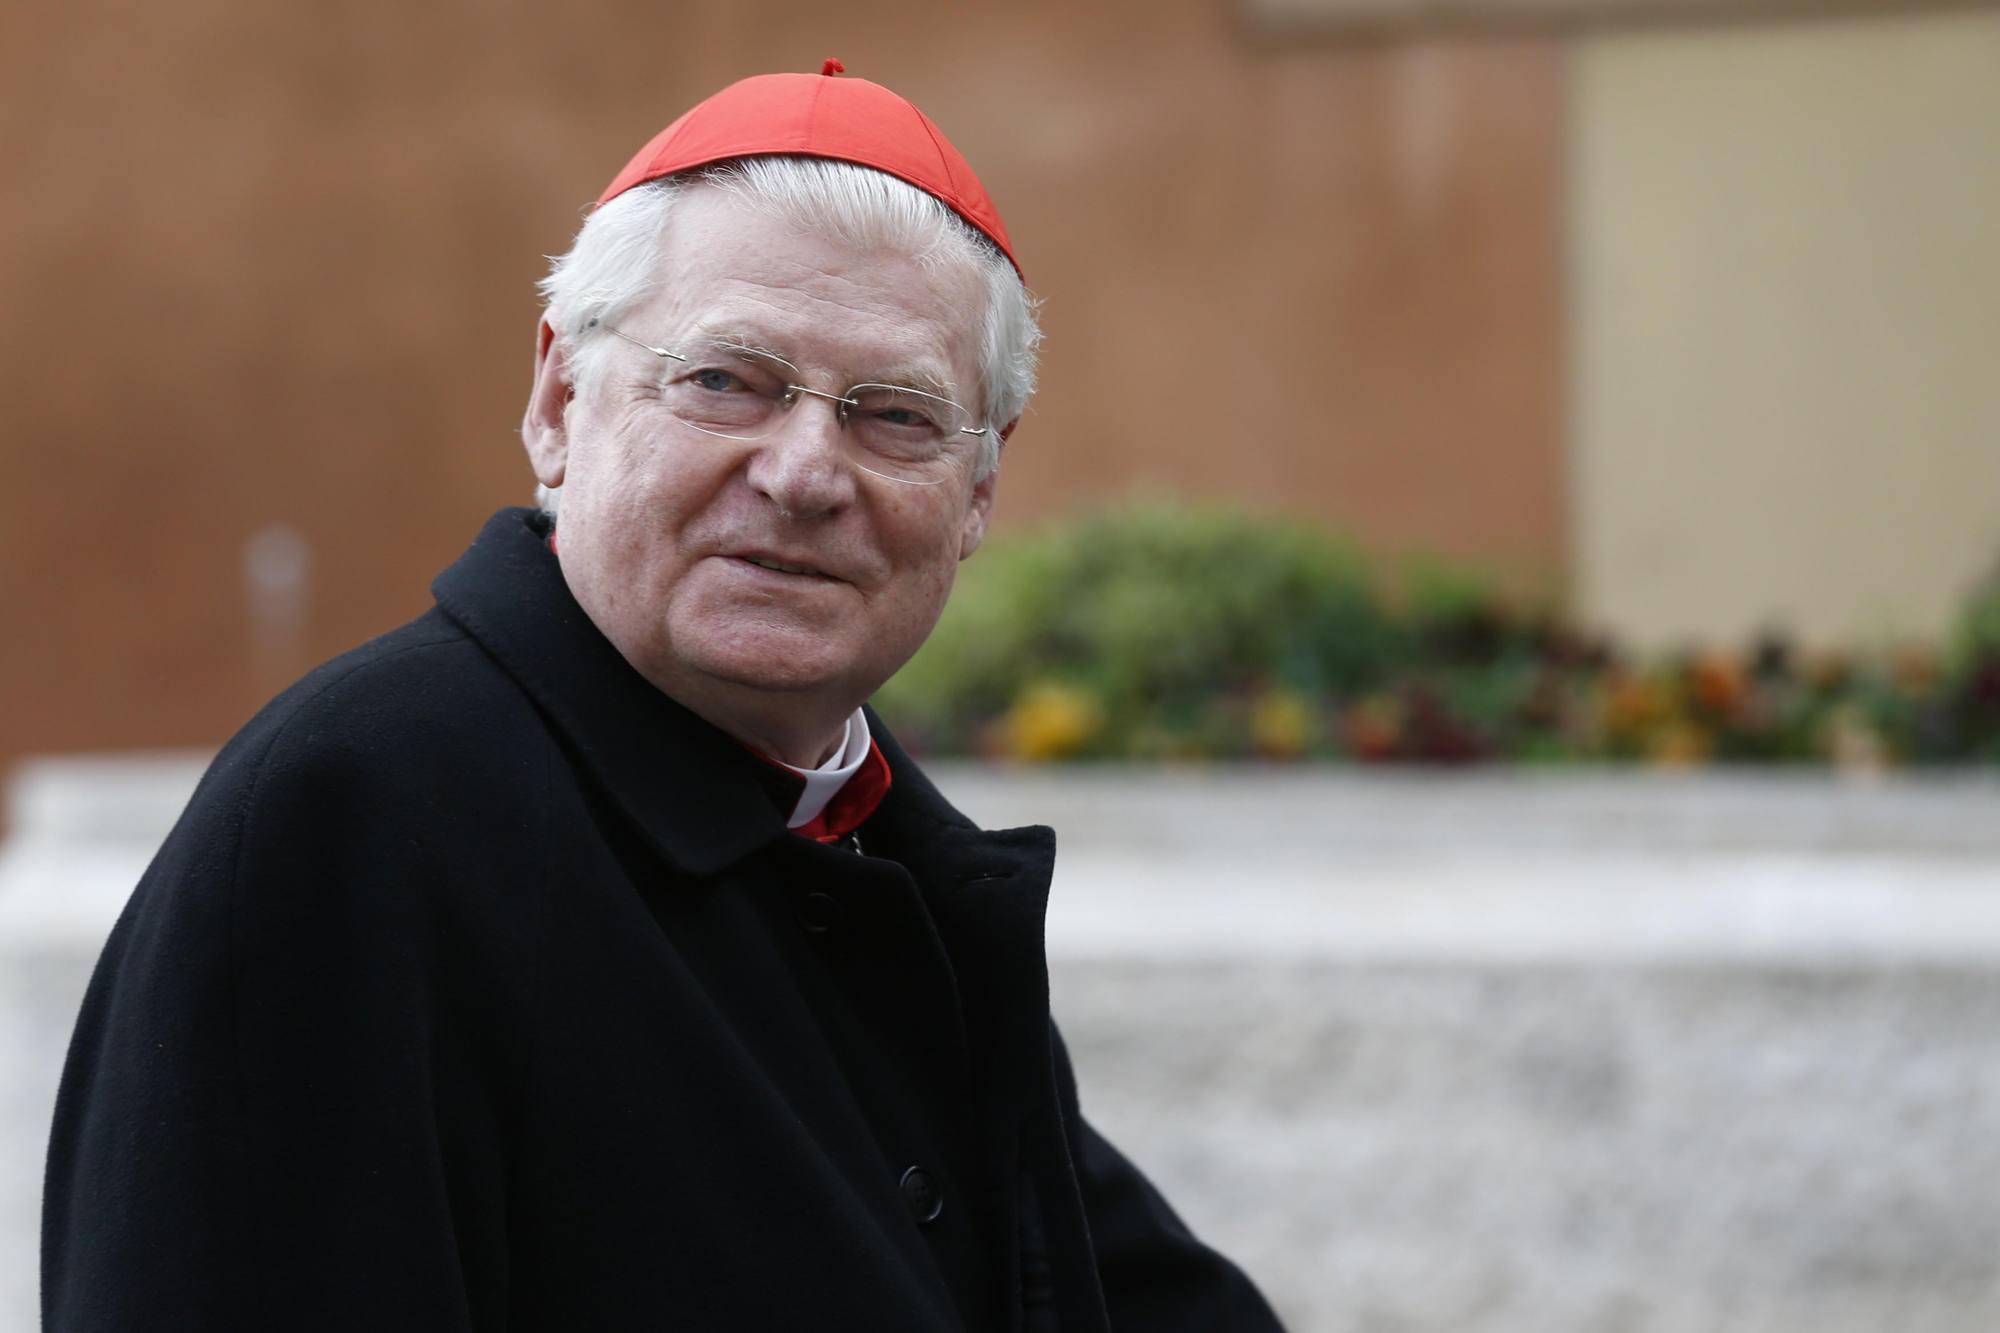 Festa islamica nelle scuole: la proposta arriva da un arcivescovo